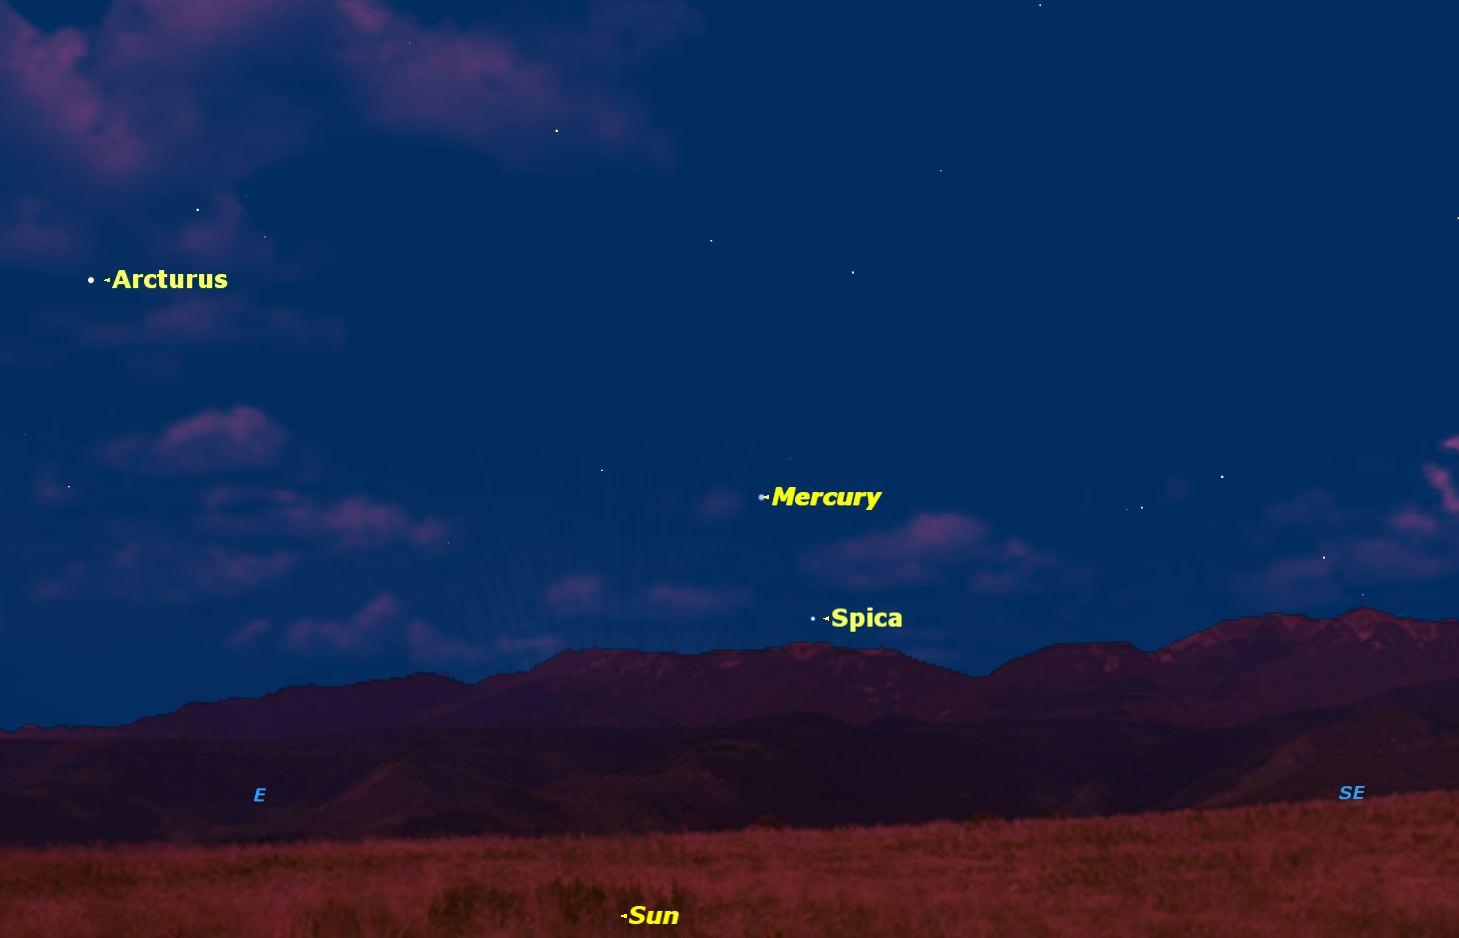 Mercury Sky Map for Nov. 1, 2014